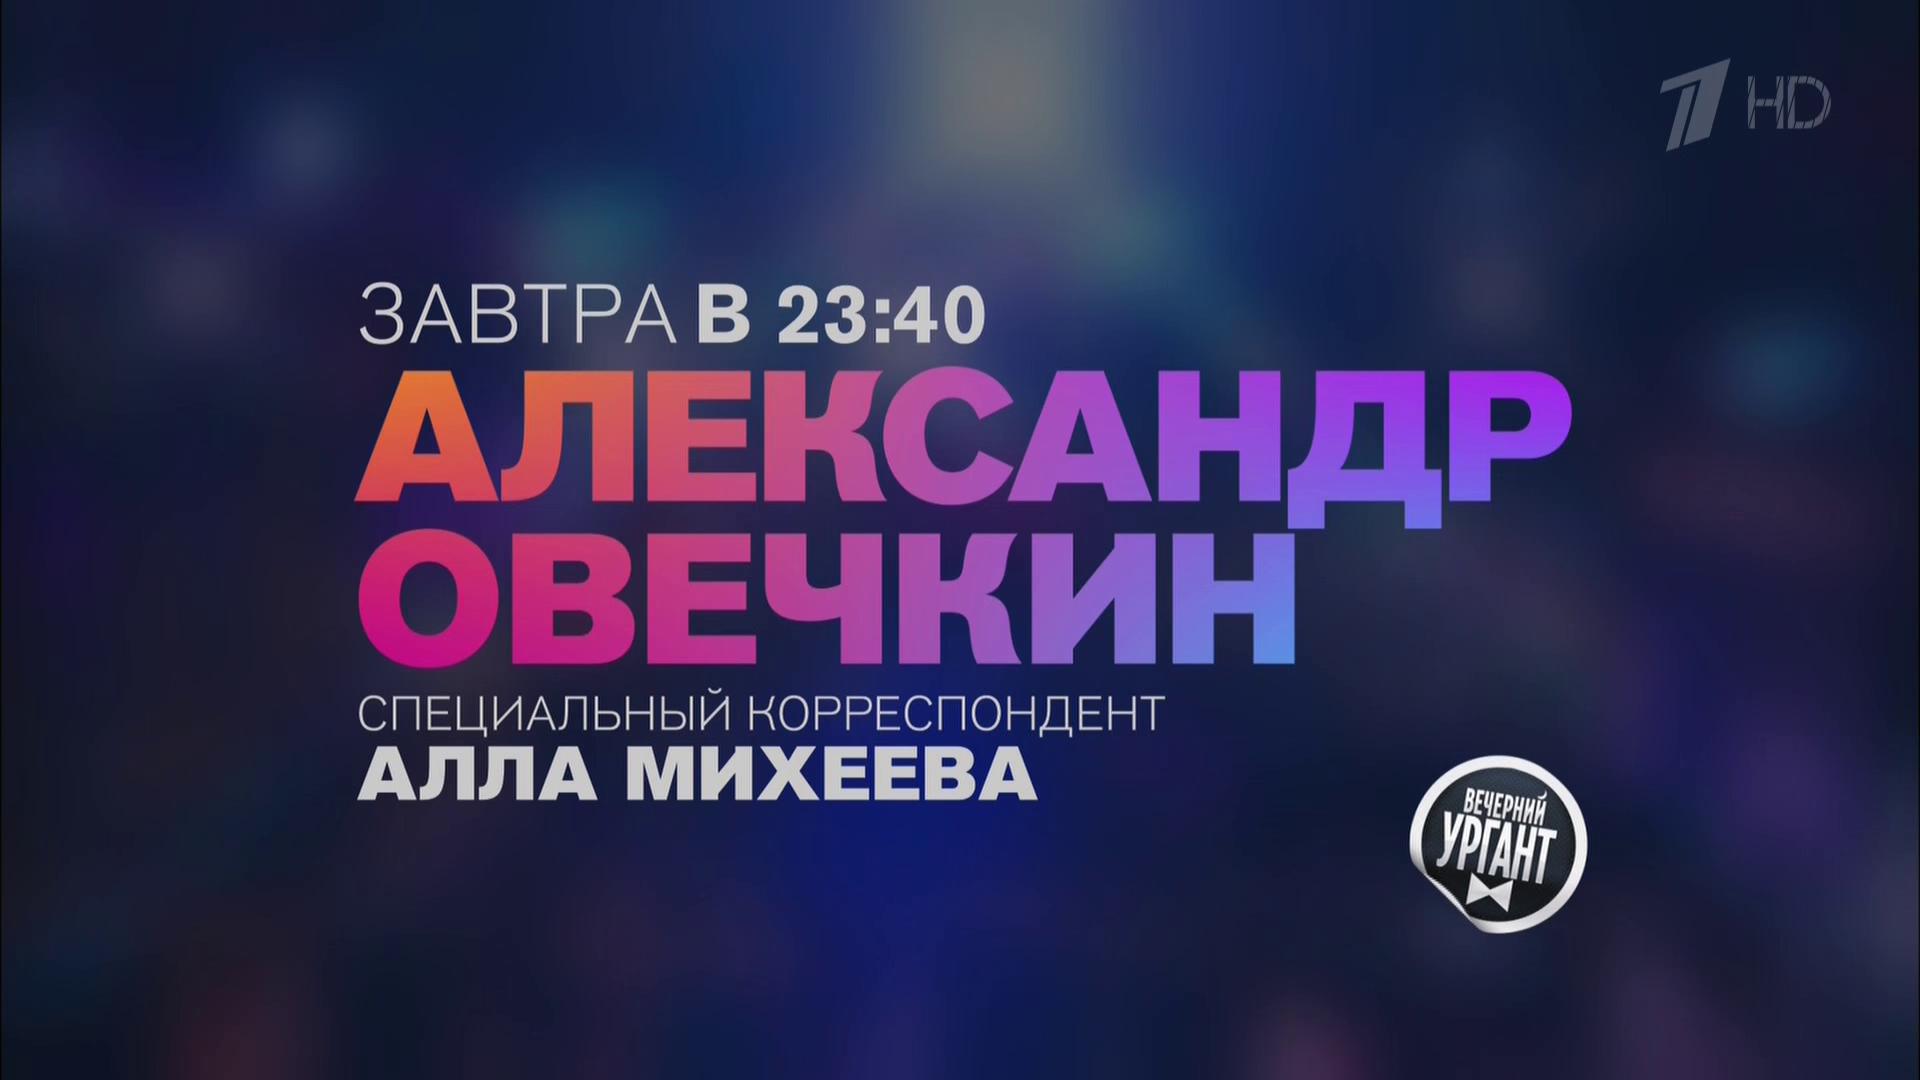 Вечерний Ургант / Сезон 4, Выпуск 4 (2013) HDTV 1080i